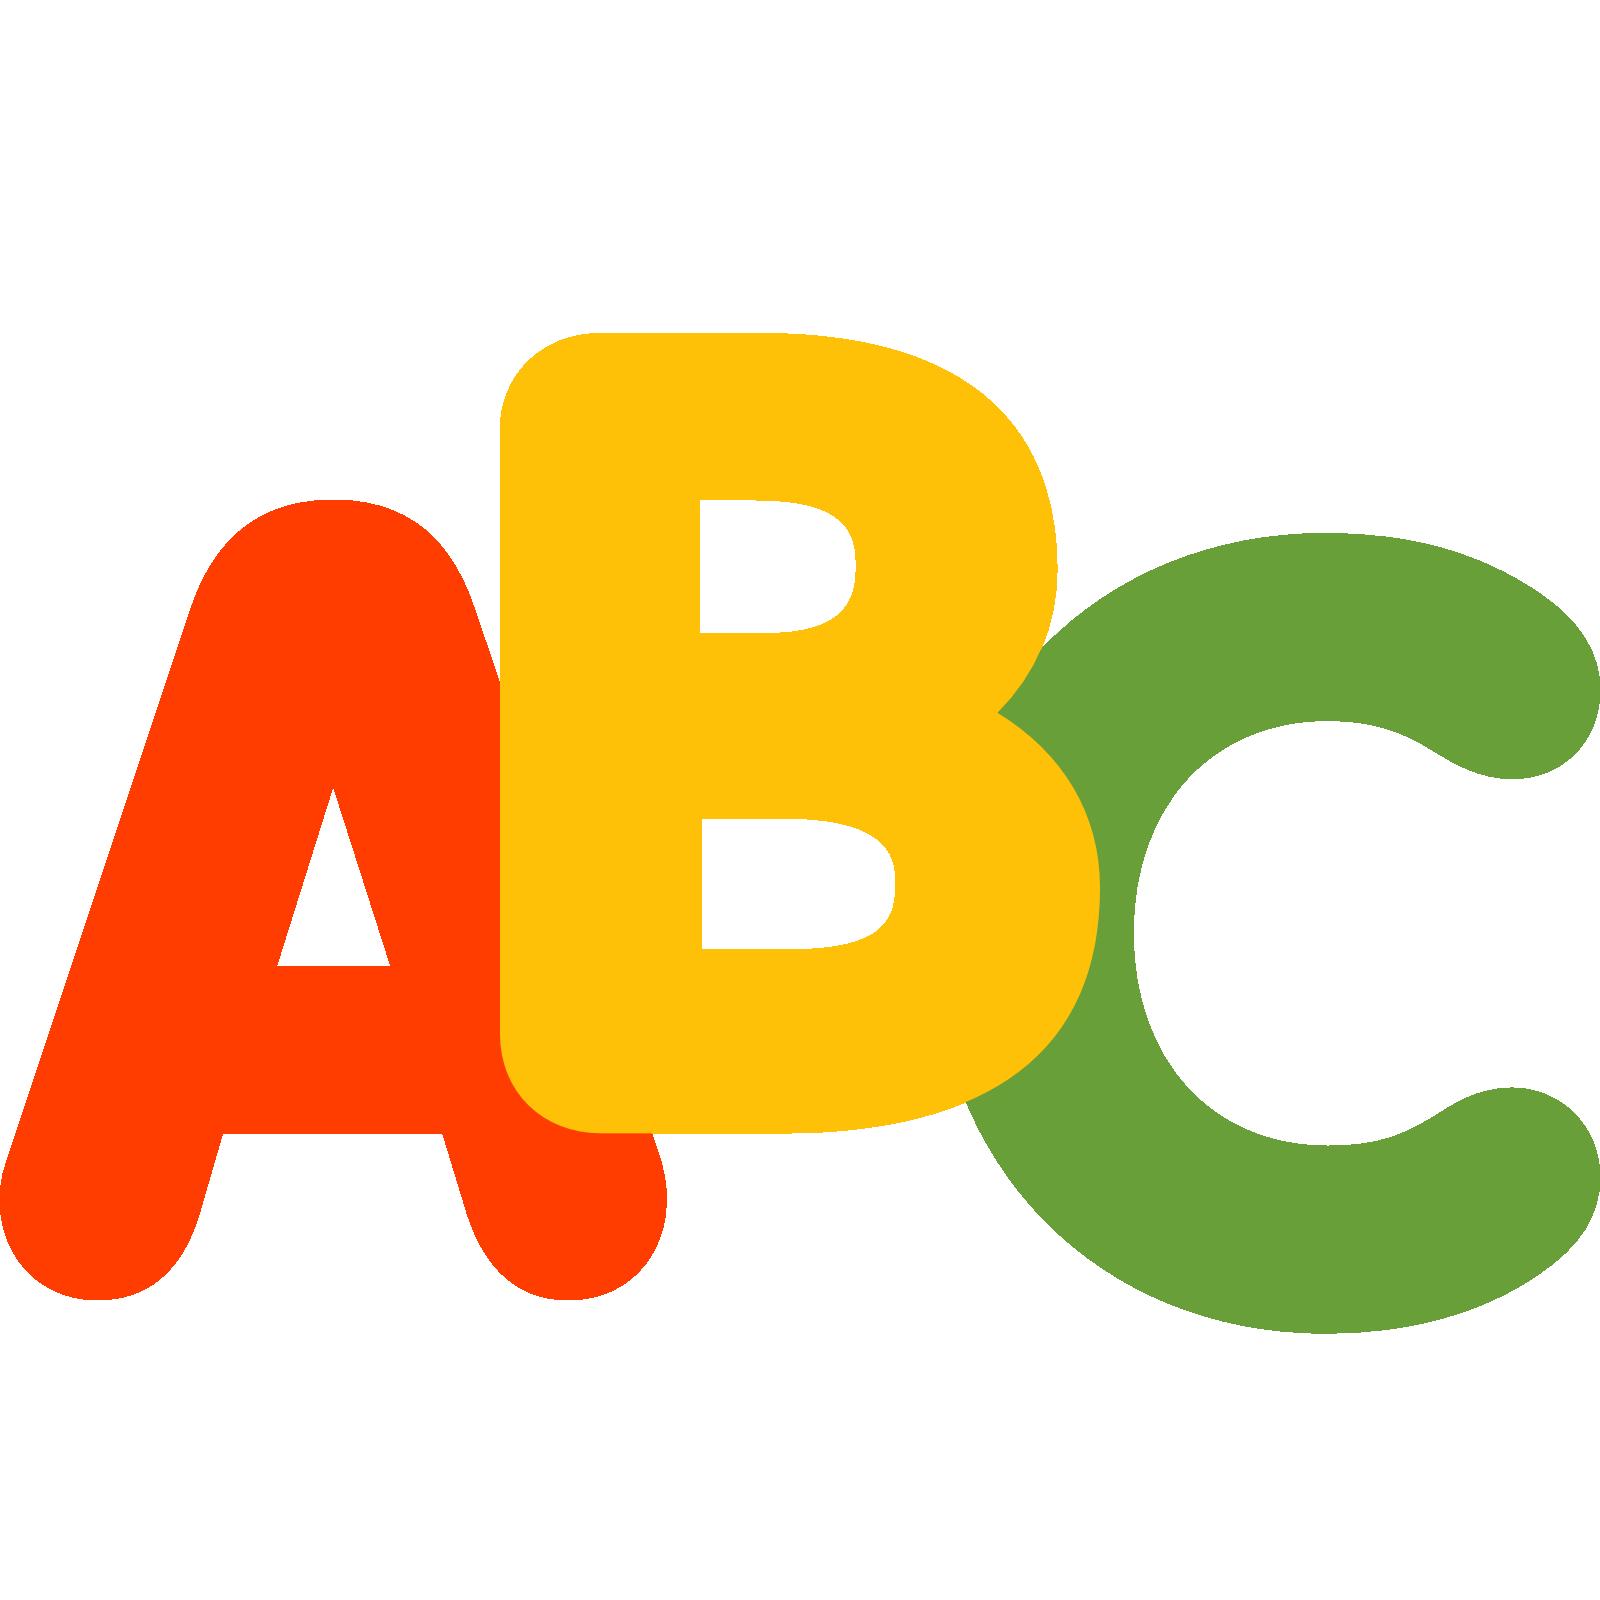 Cube clipart abc. Png transparent images pluspng